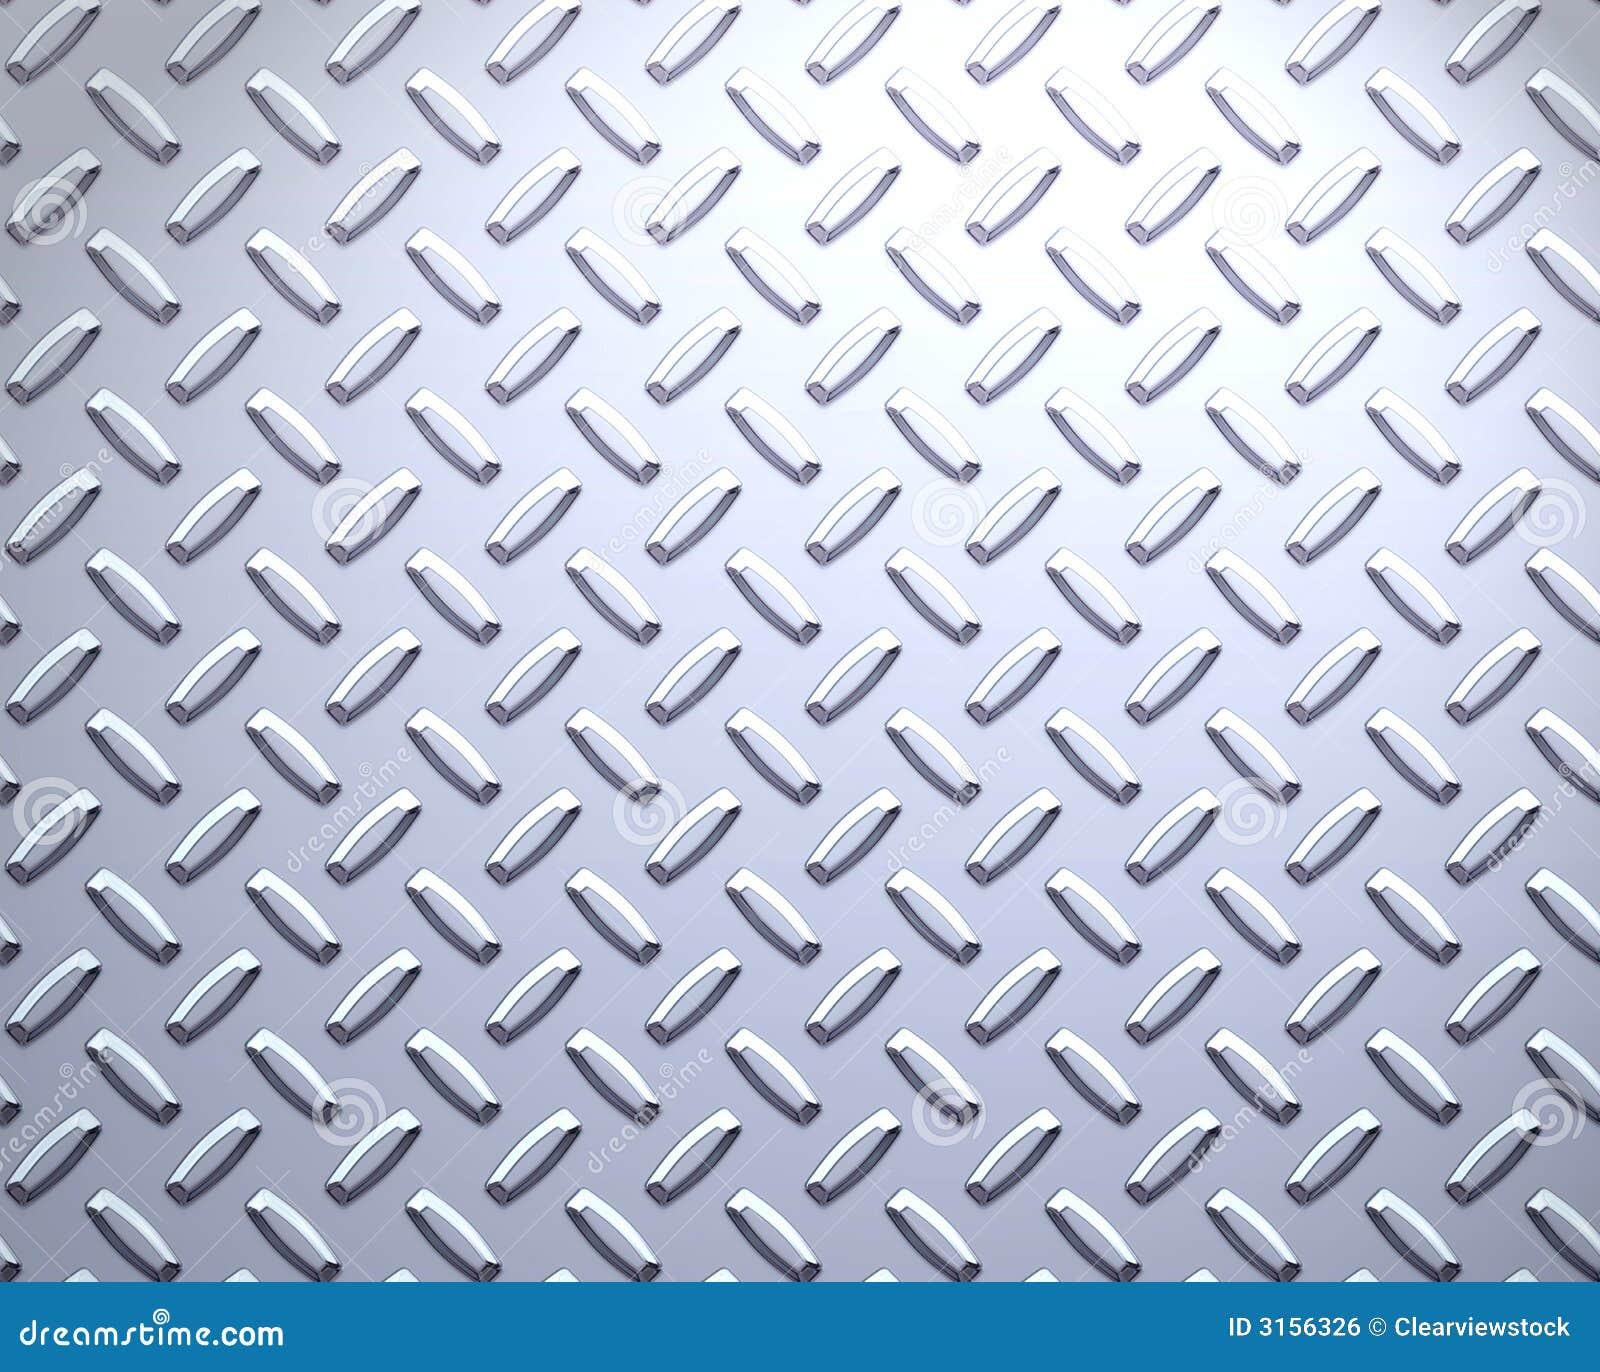 Placa de acero fuerte del diamante imagen de archivo libre for Placa de acero